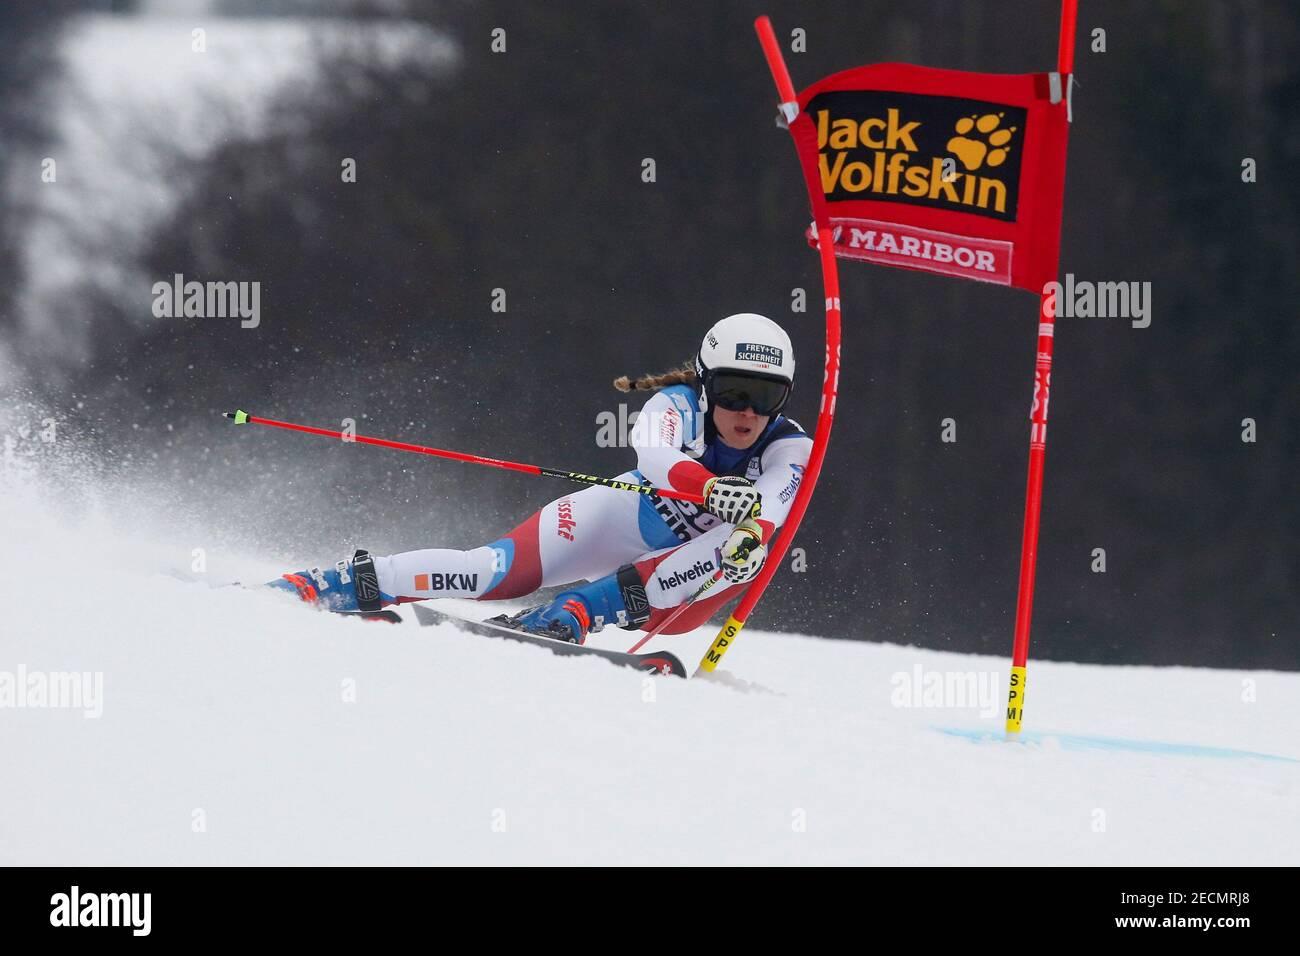 Alpine Skiing - Alpine Ski World Cup - Damen-Slalom - Damen-Slalom - Maribor, Slowenien - 1. Februar 2019 Andrea Ellenberger aus der Schweiz beim ersten Lauf REUTERS/Borut Zivulovic im Einsatz Stockfoto